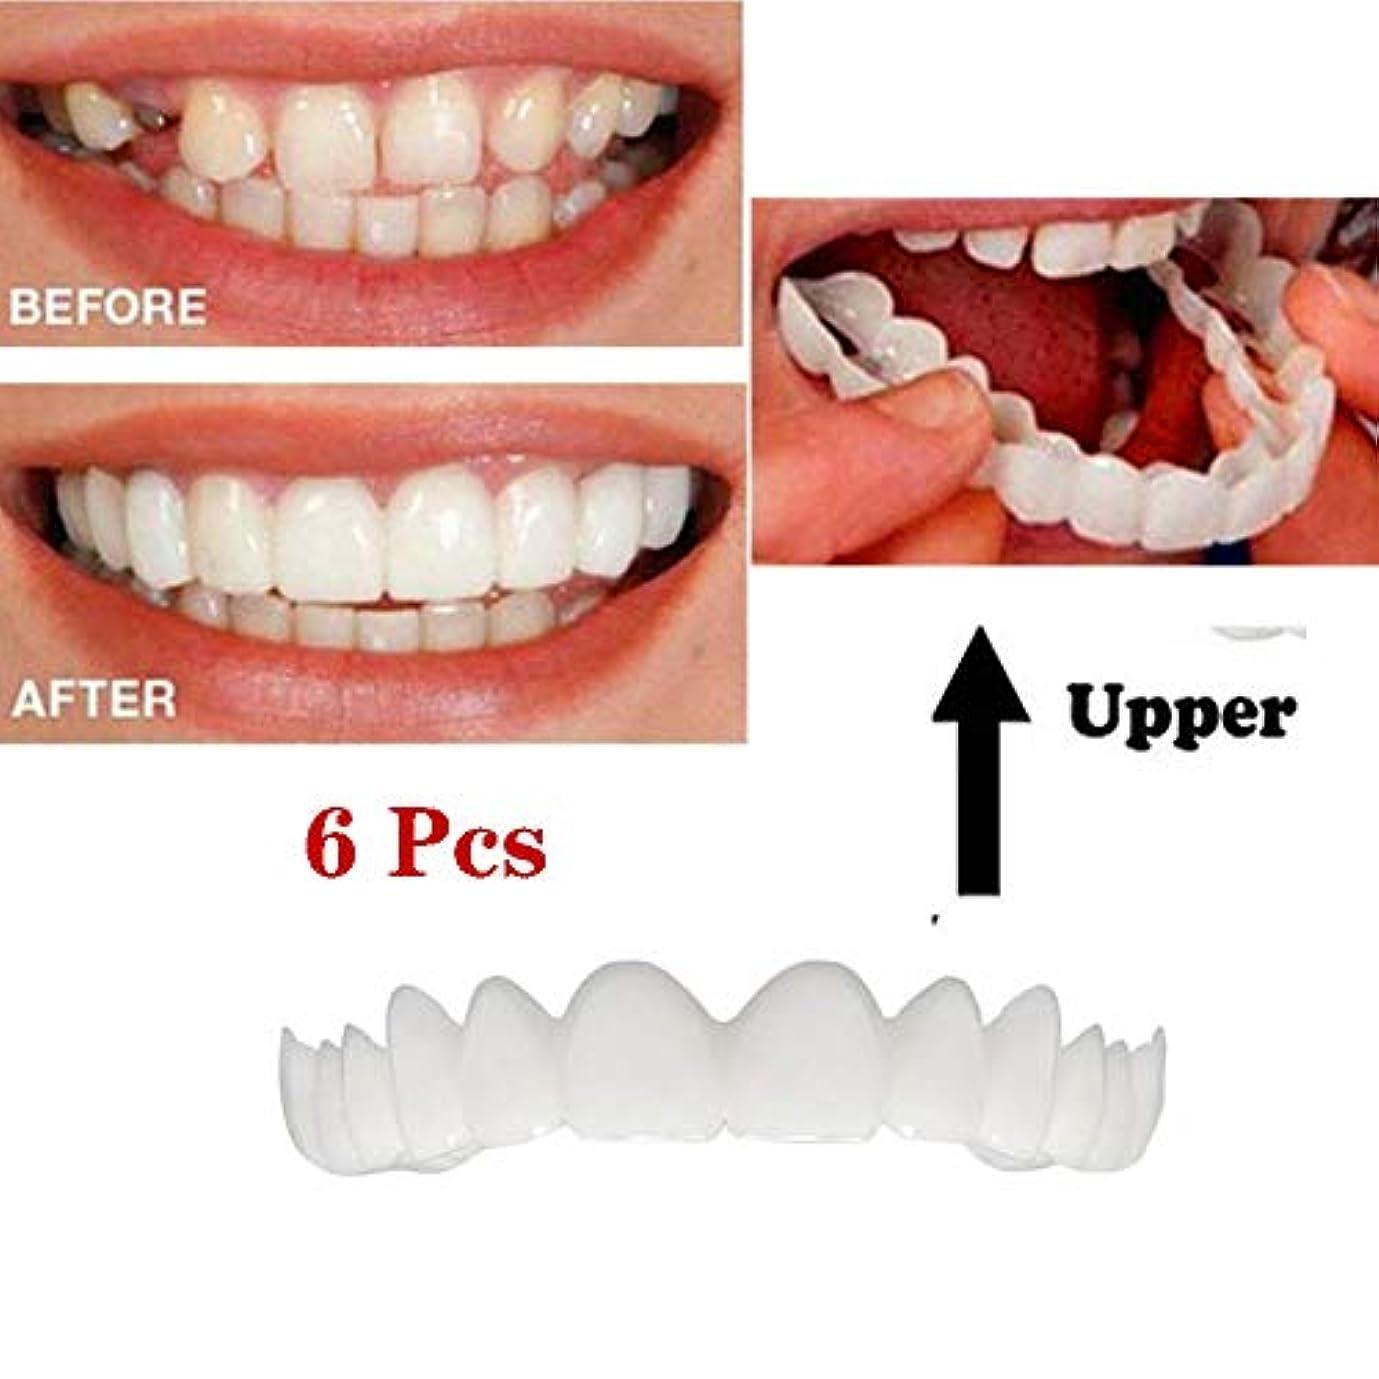 環境に優しい目立つエイリアス義歯口腔ケア歯ホワイトニング義歯口腔ケアアッパーブレース一時的な化粧品歯義歯 - 6本